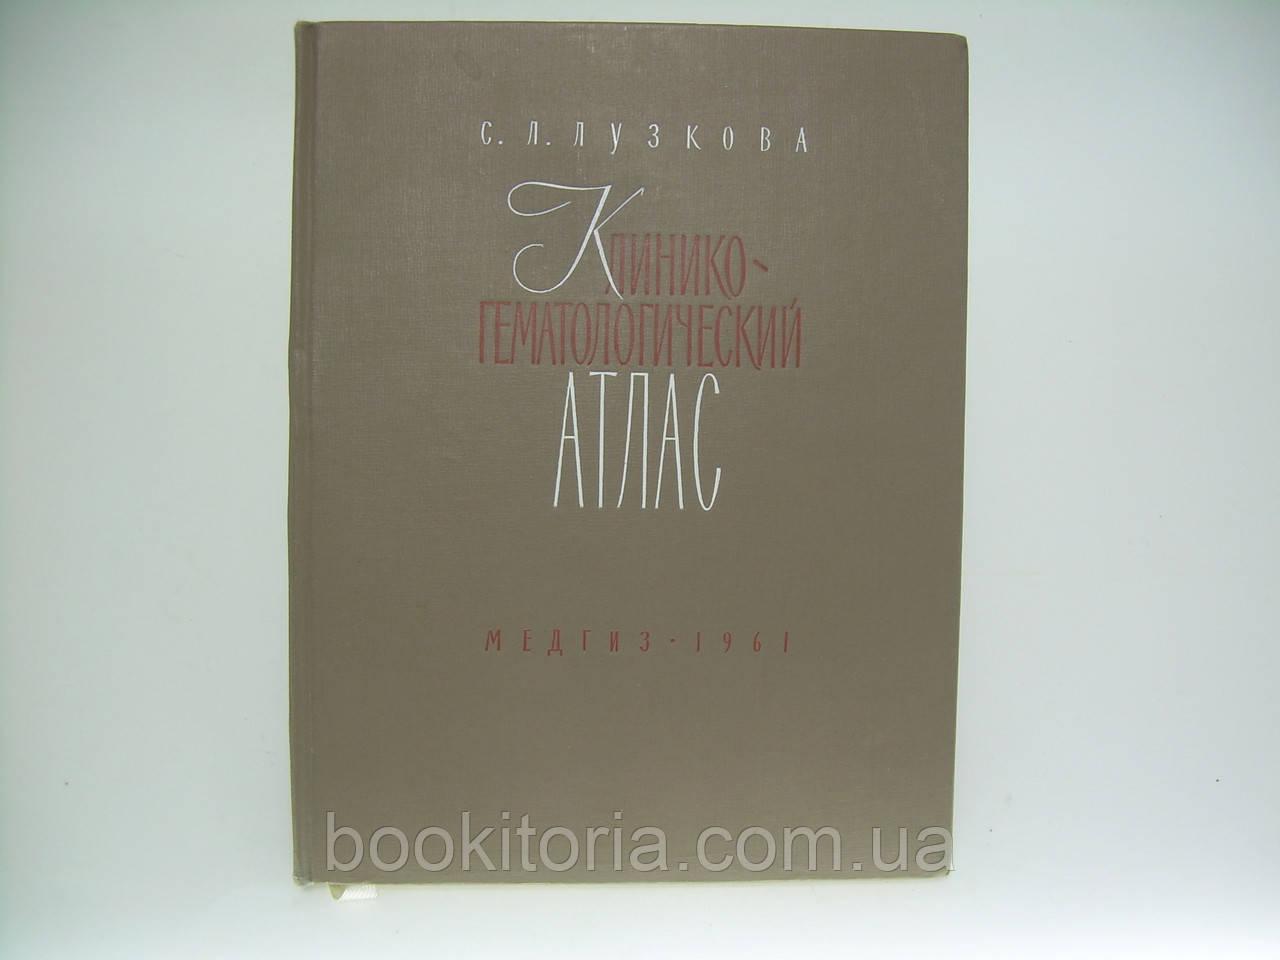 Лузкова С.Л. Клинико-гематологический атлас (б/у).